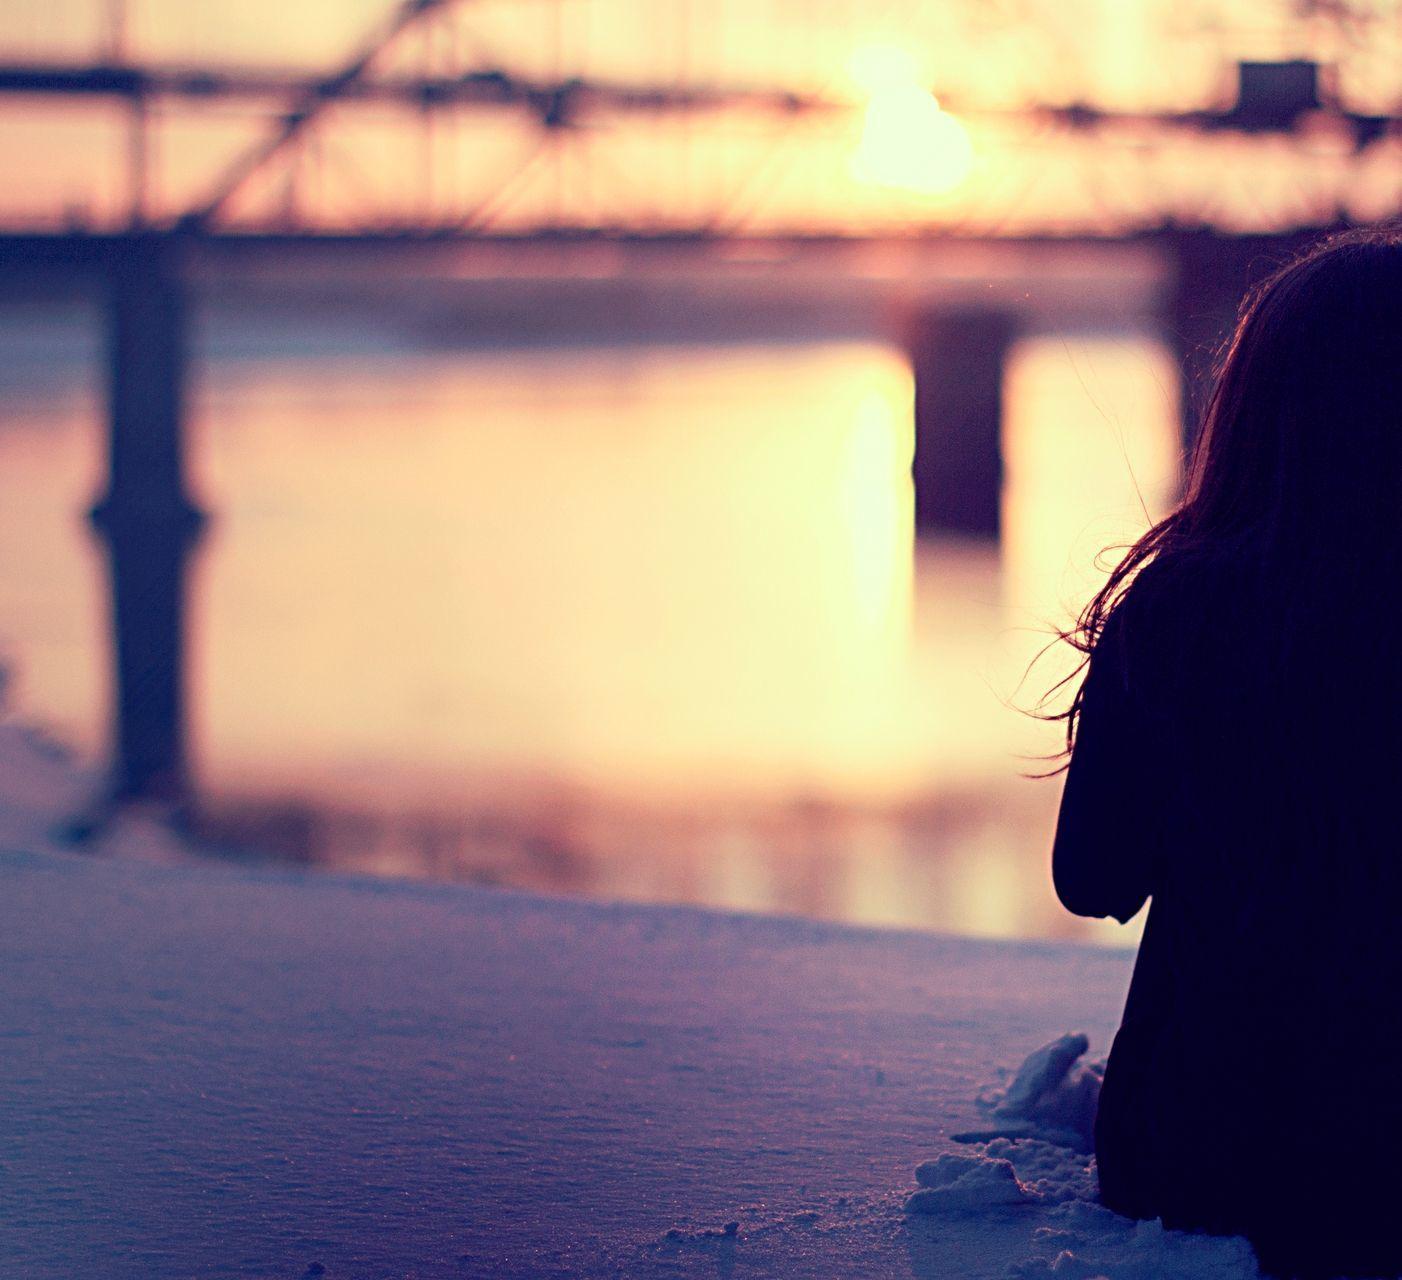 看透现实感悟人生一个人的情感语录:孤独,是人生的常态